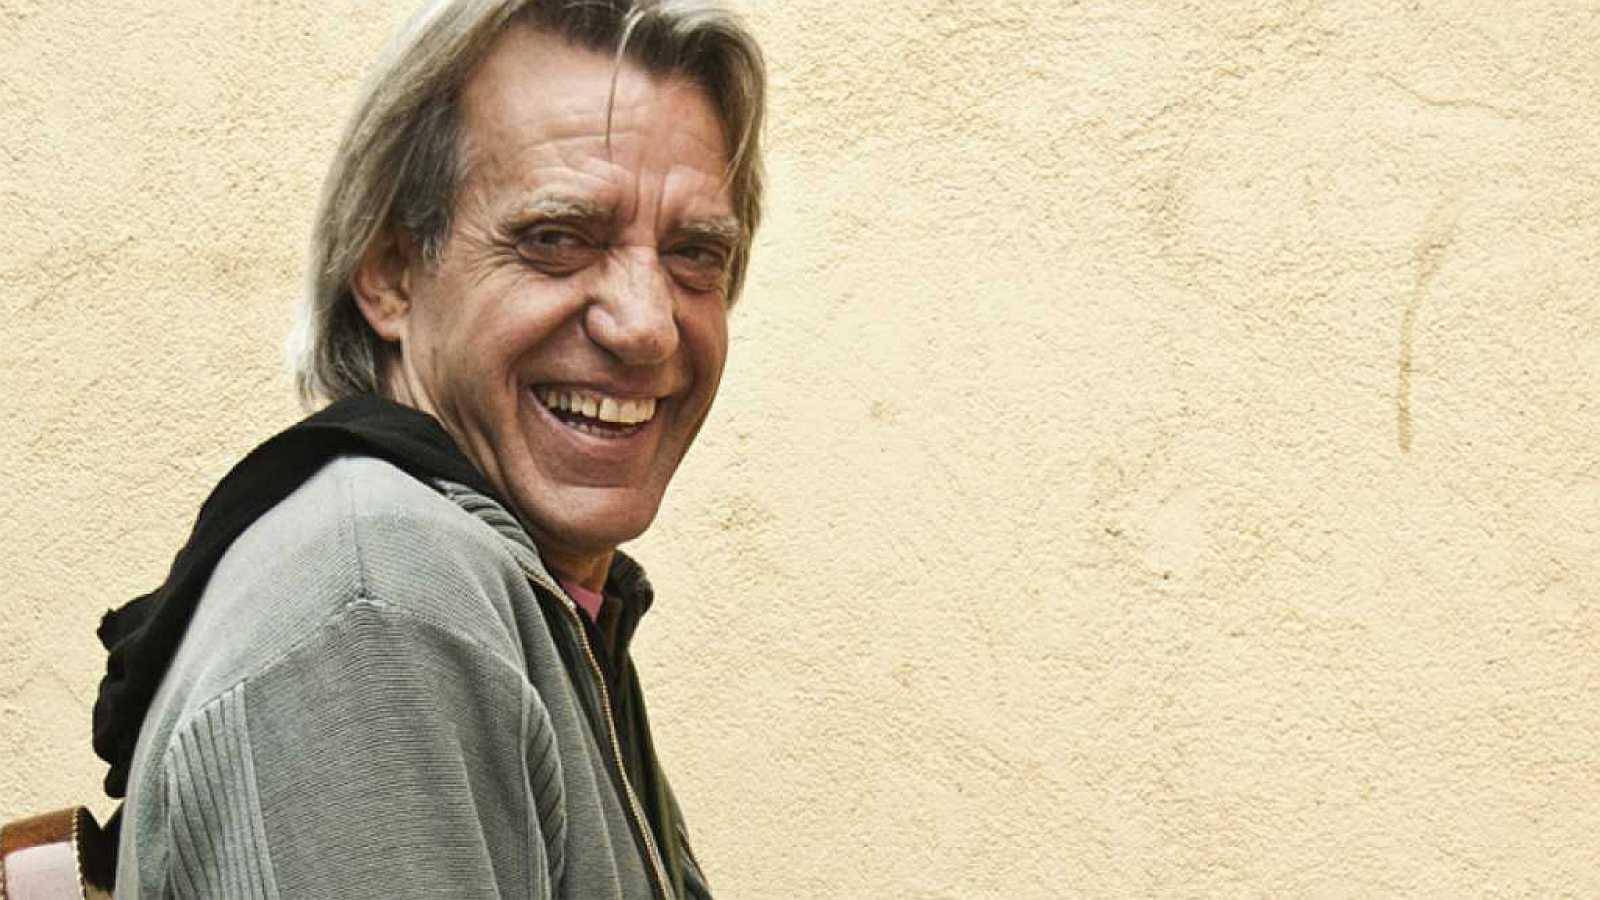 España vuelta y vuelta - '¿Qué fue de los cantautores?': las memorias en verso de Luis Pastor - 14/12/17 - Escuchar ahora